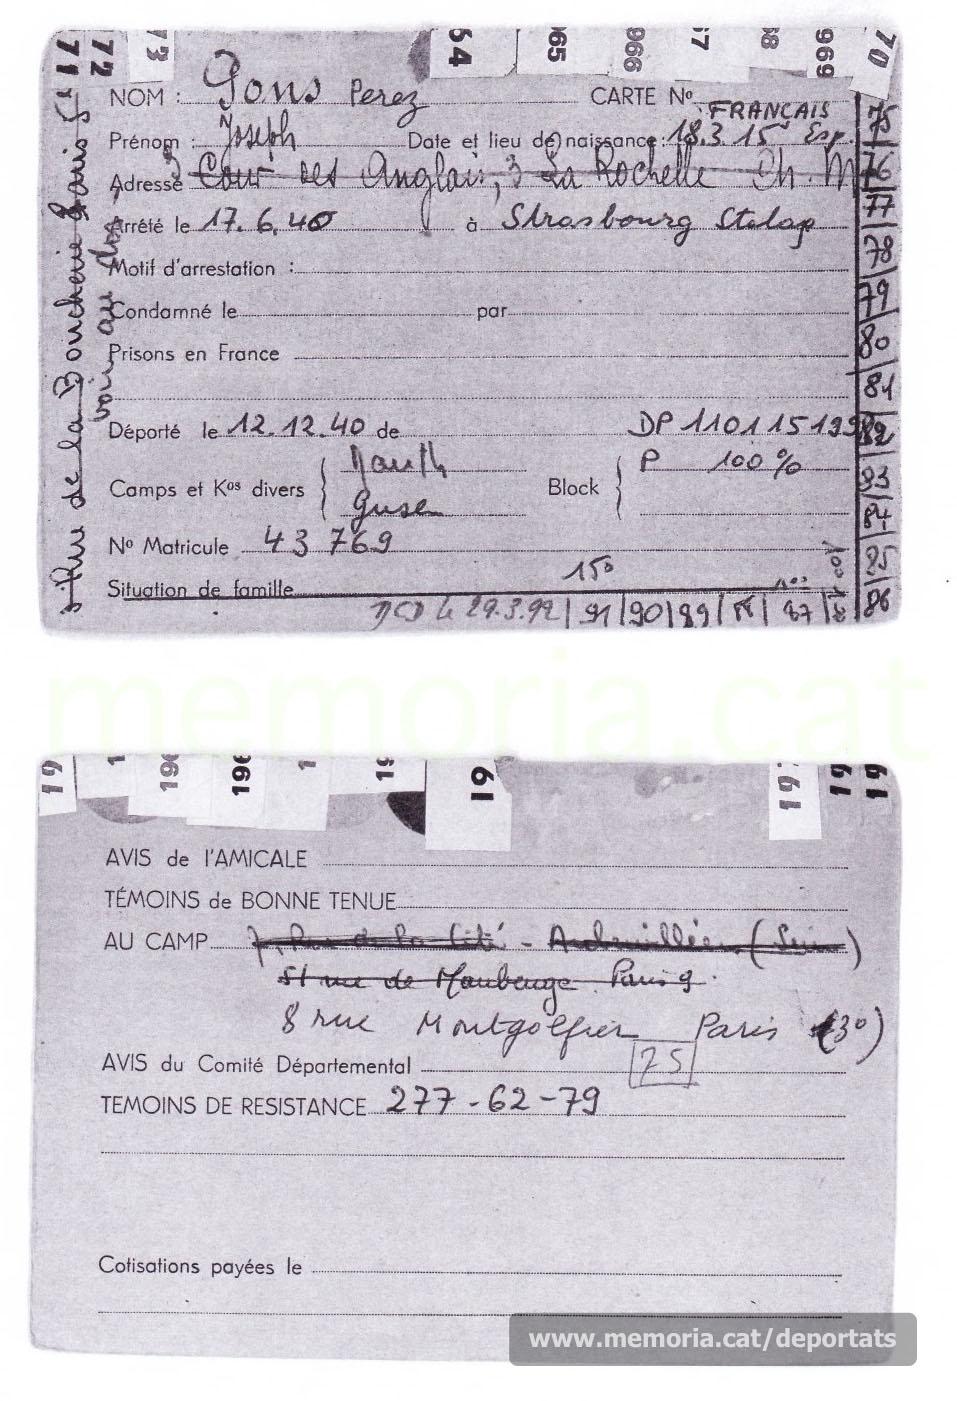 Targeta de soci de l'Amicale de Mauthausen francesa de Josep Pons, amb la seva data de defunció. (Arxiu de l'Amicale Française de Mauthausen)